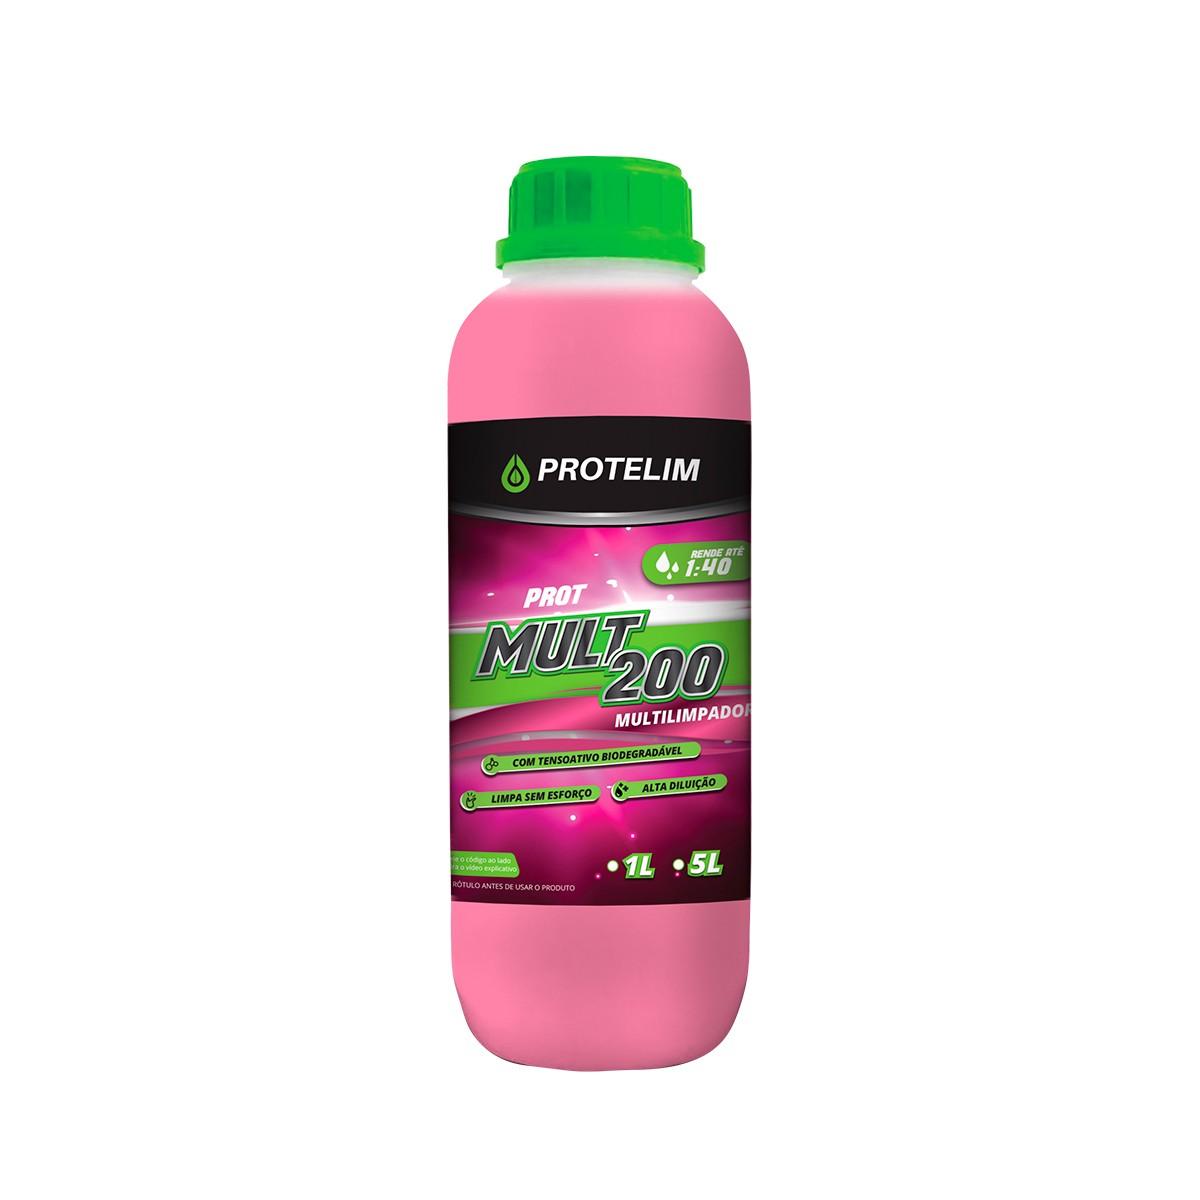 Prot Mult 200 (Limpador Multiuso) 1L - Protelim